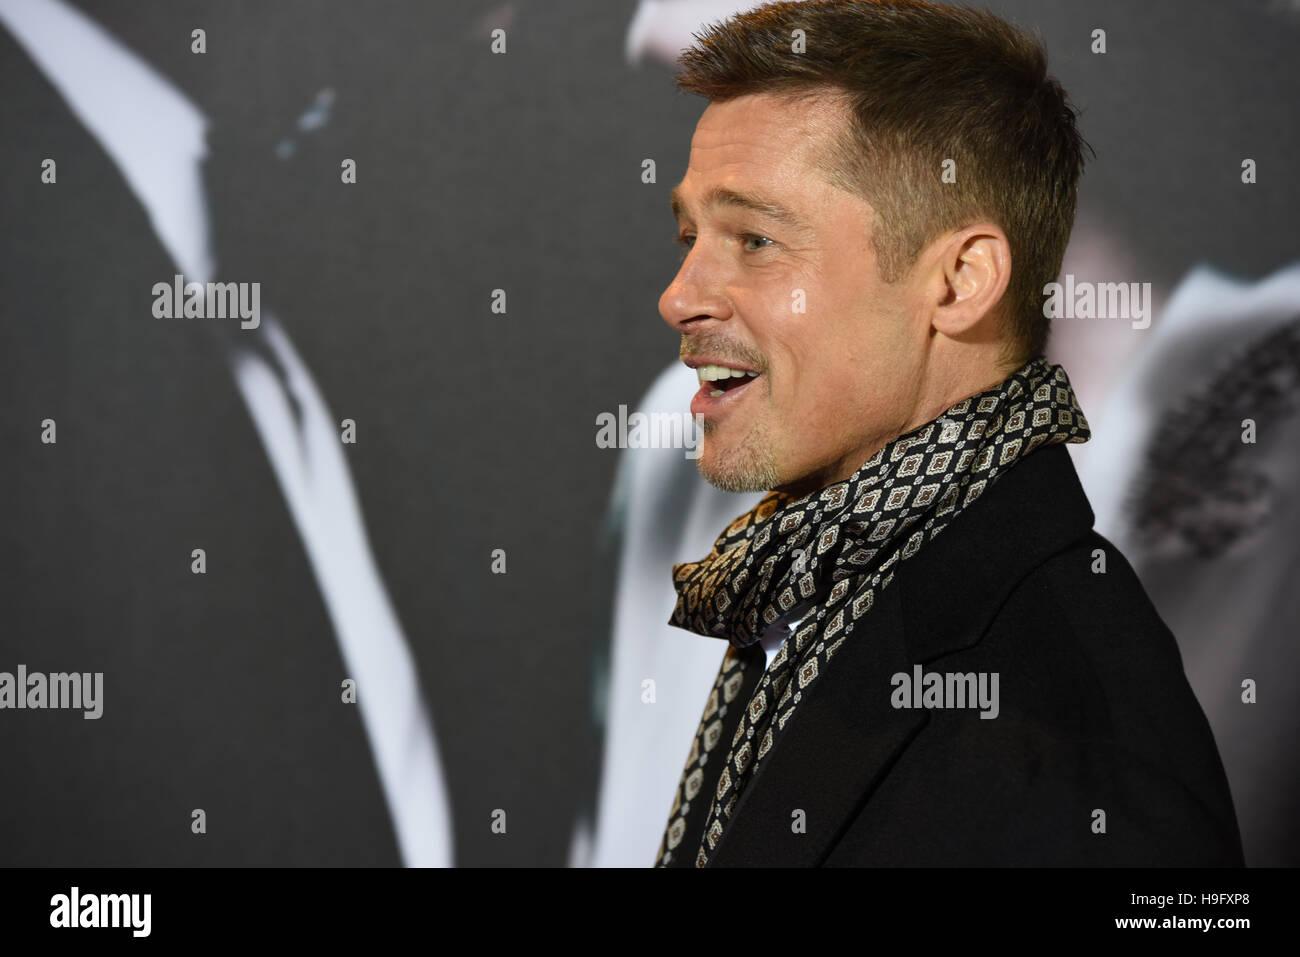 """Madrid, Spagna. 22 Novembre, 2016. L'attore americano e produttore William Bradley """""""" Brad Pitt, ha Immagini Stock"""